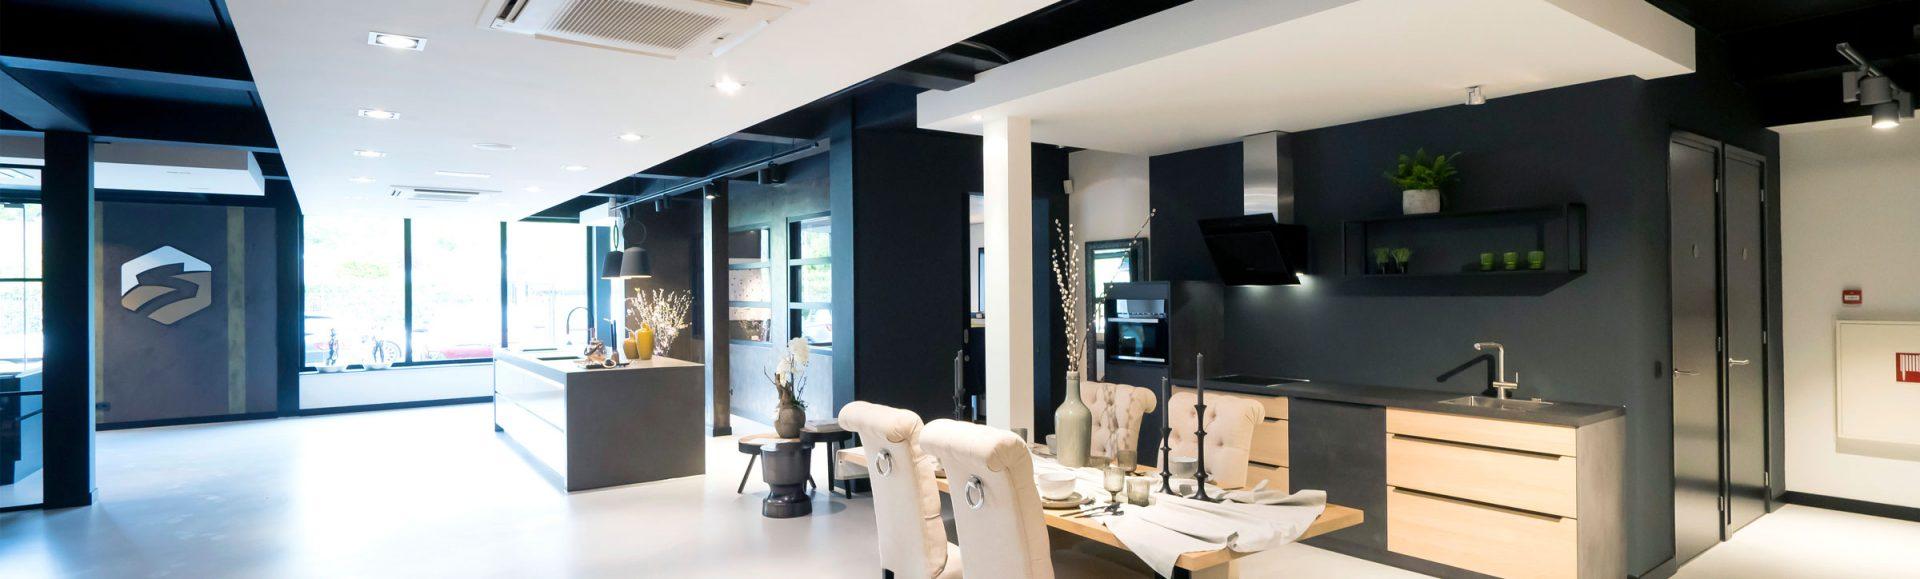 schuit-totaal-wonen-showroom-keukens-8